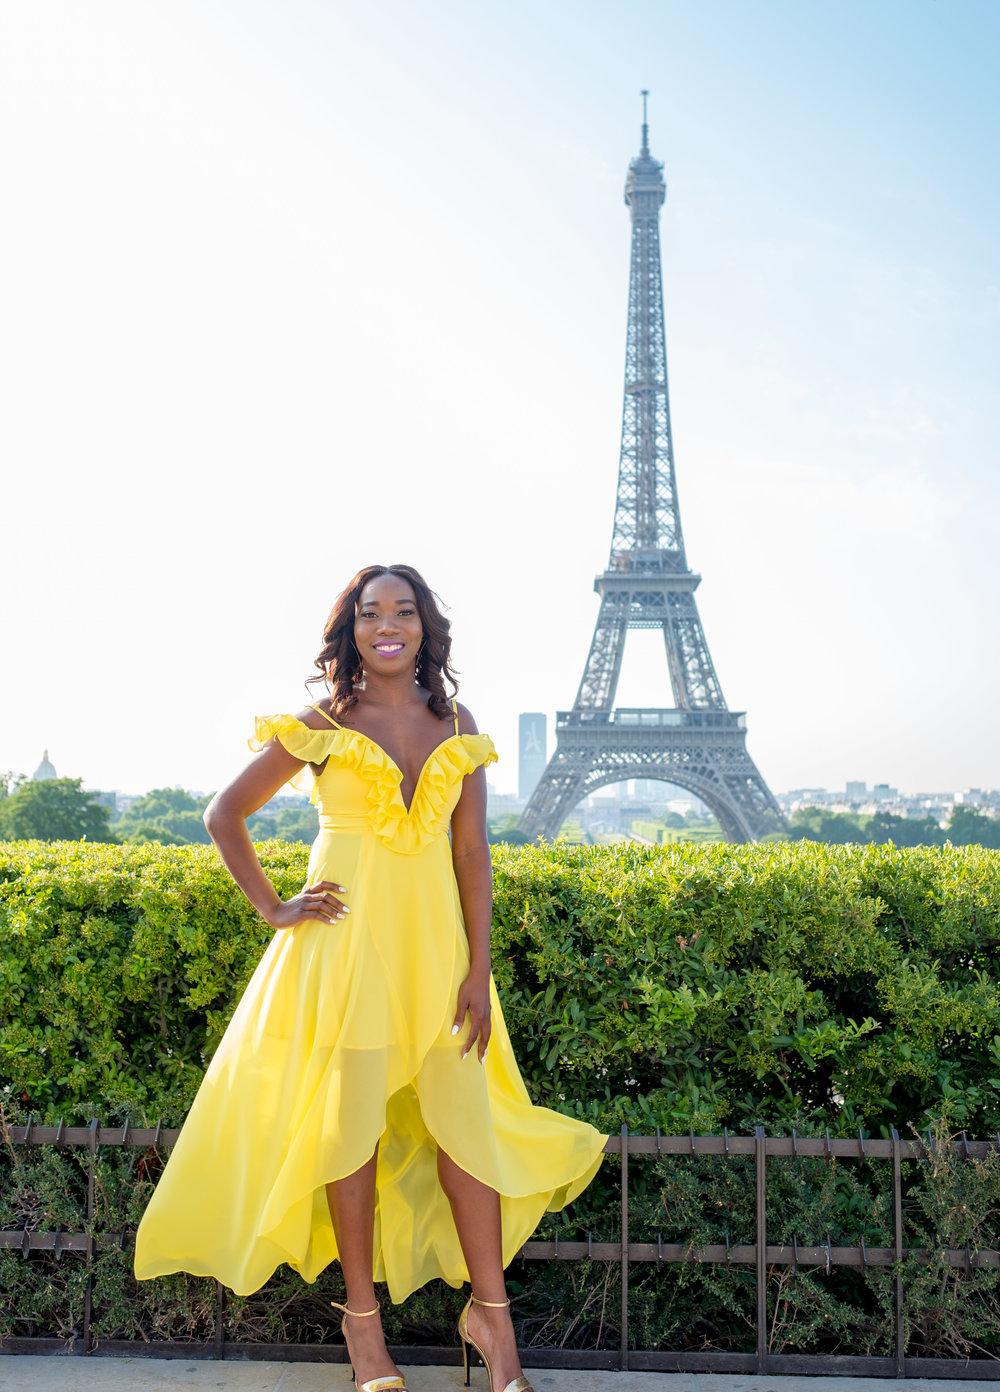 picture me paris dream photo shoot in paris france at eiffel tower